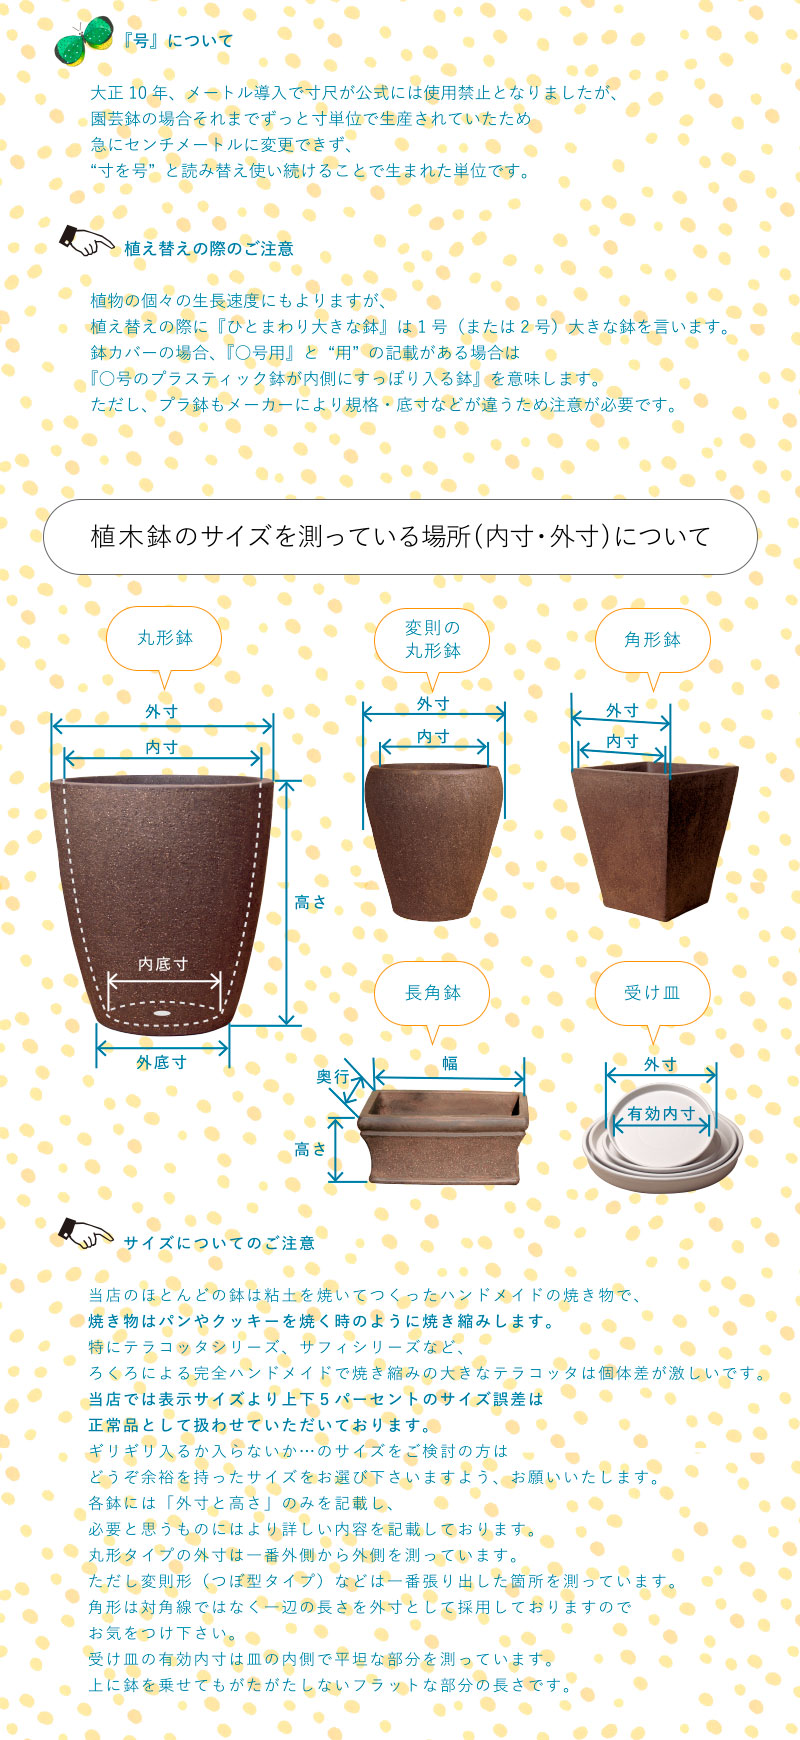 植木鉢のサイズを測っている場所(内寸・外寸)